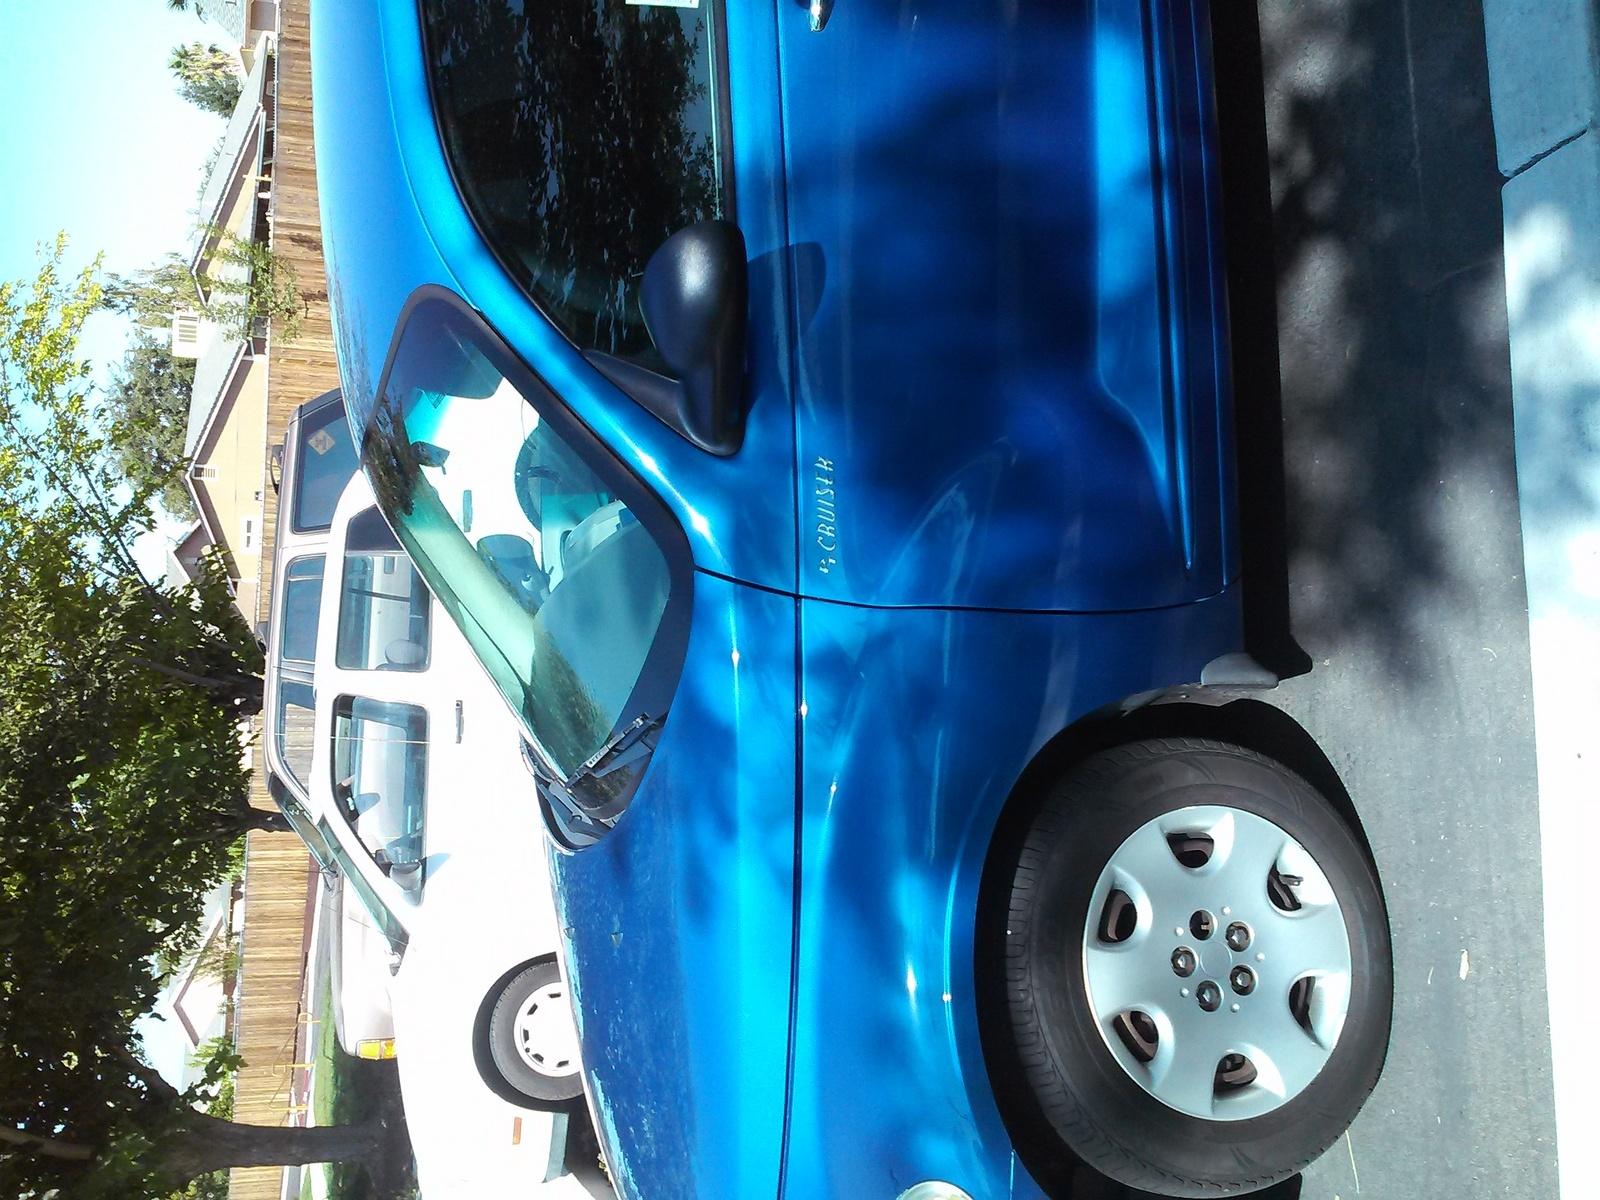 2006 Chrysler PT Cruiser - Overview - CarGurus